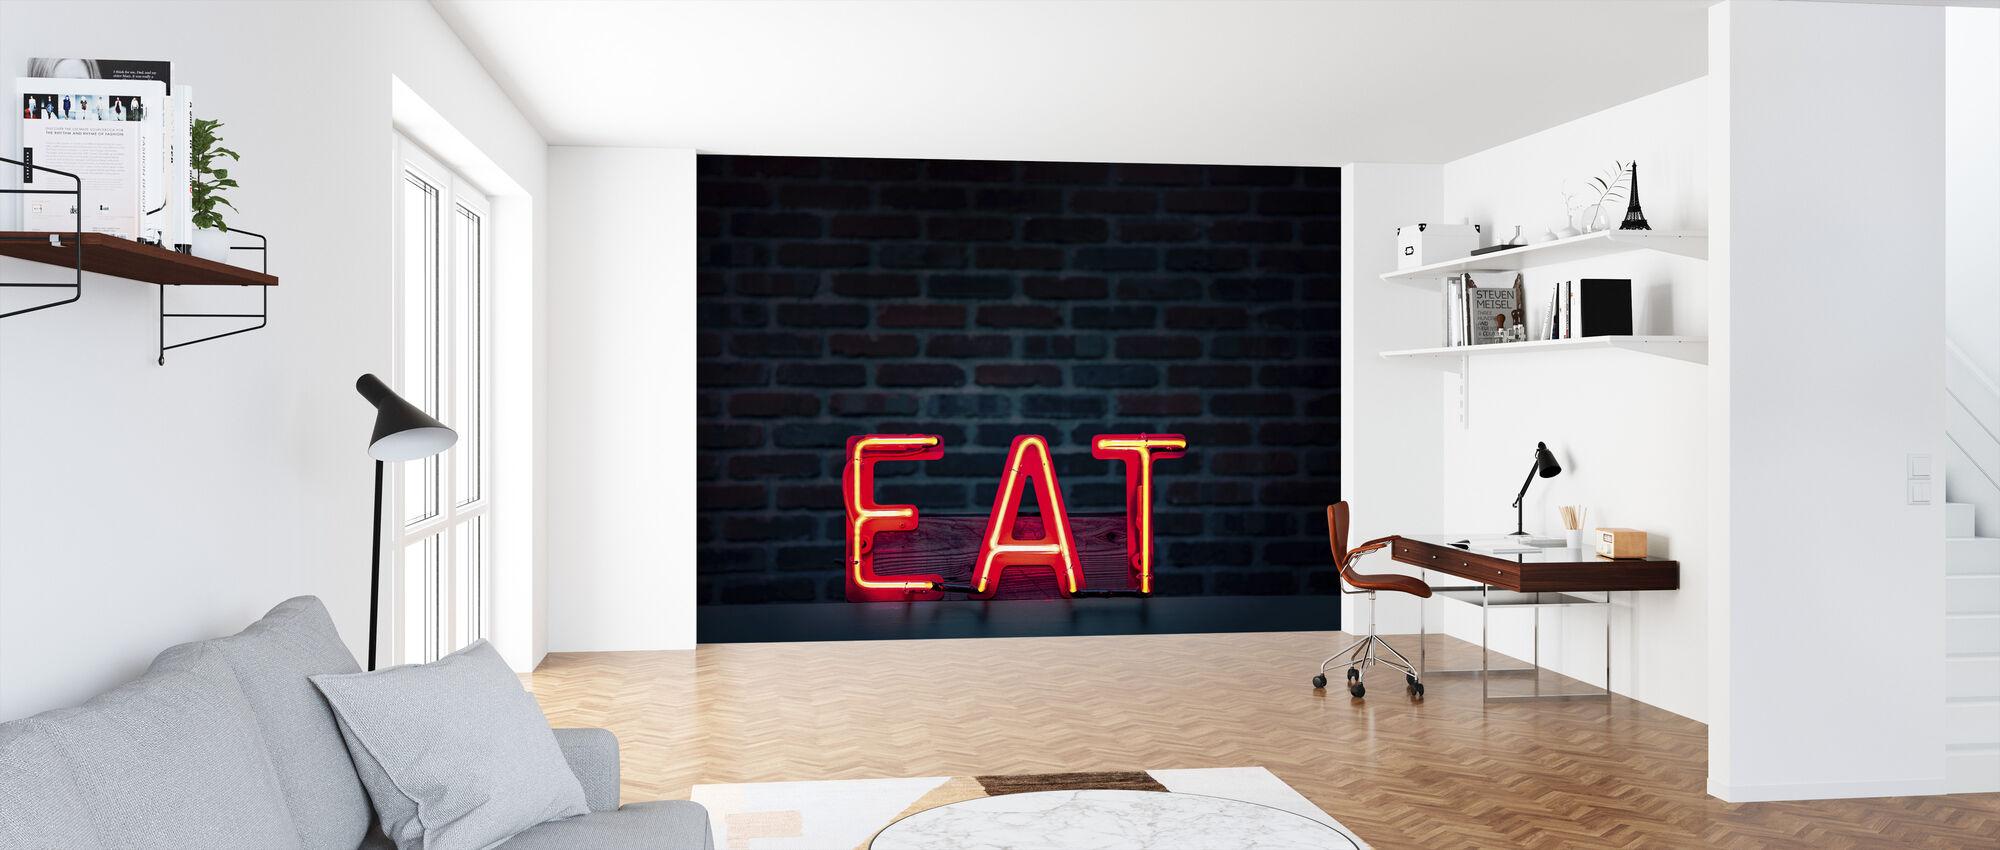 Eet Neon Sign - Behang - Kantoor